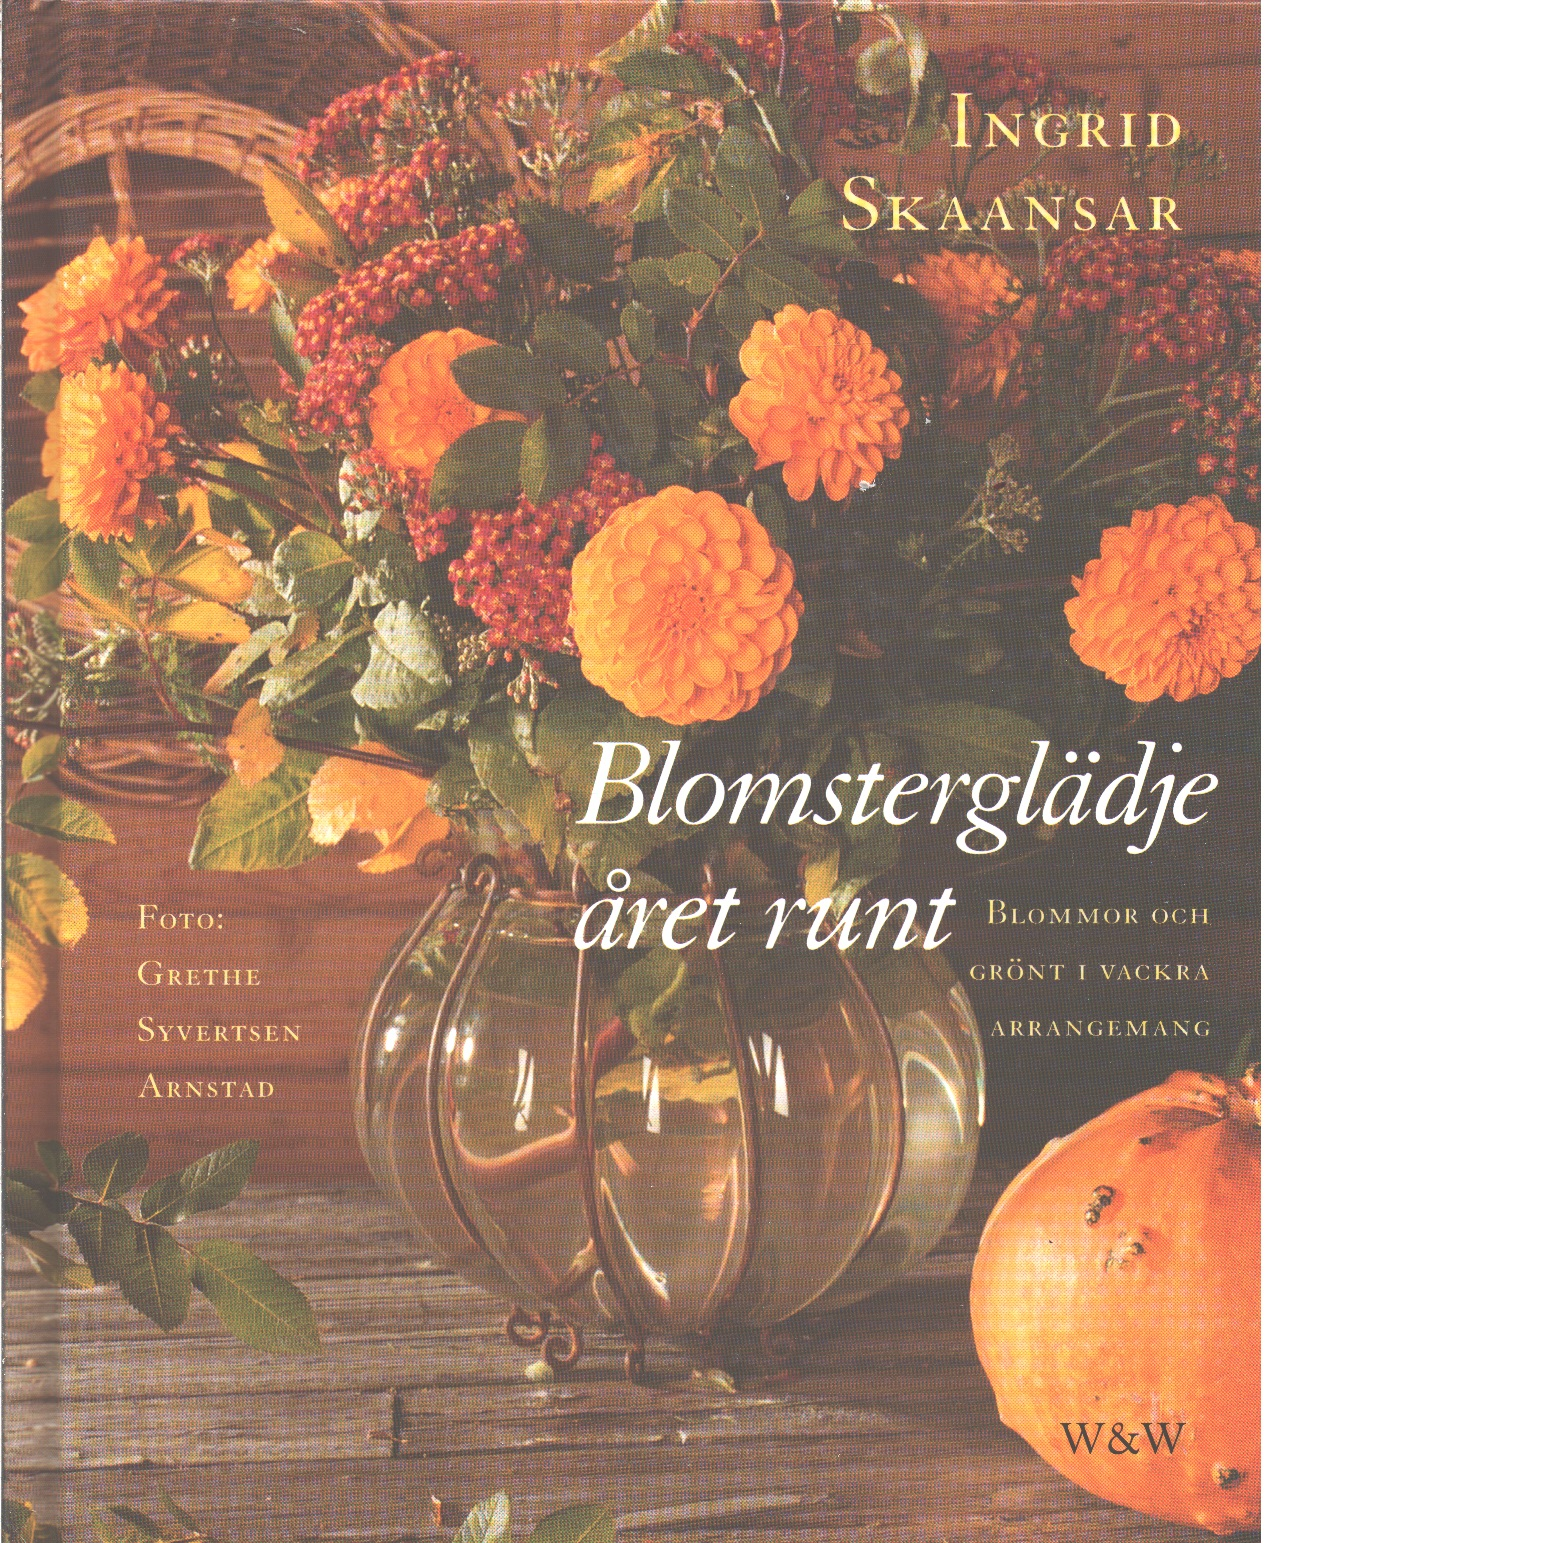 Blomsterglädje året runt : blommor och grönt i vackra arrangemang  - Skaansar, Ingrid